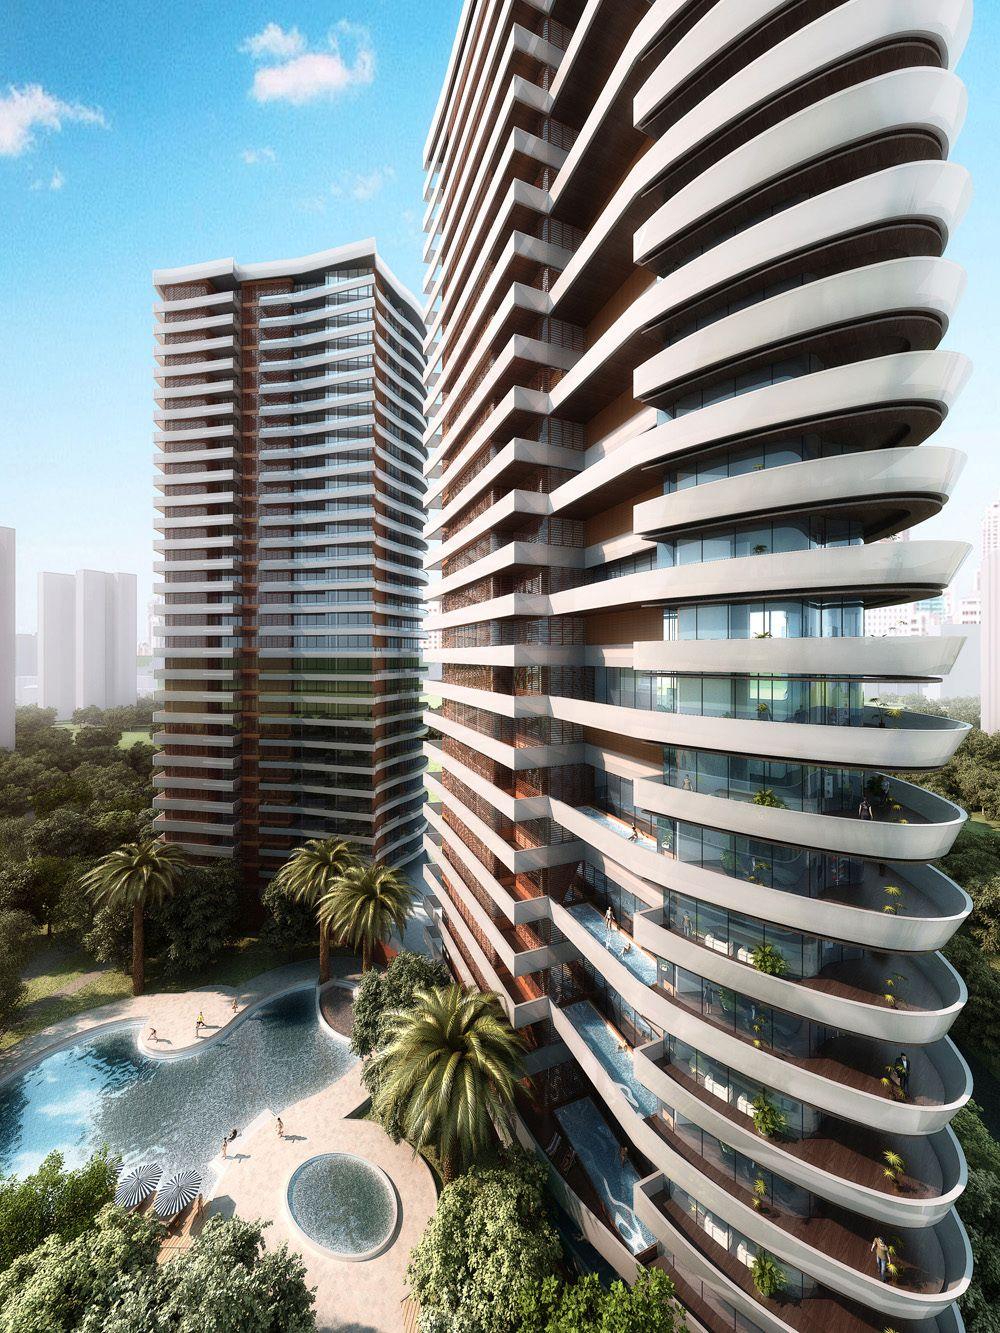 Pin von LIN YU-HUNG auf Arch-Housing-china | Pinterest | Ausschnitt ...